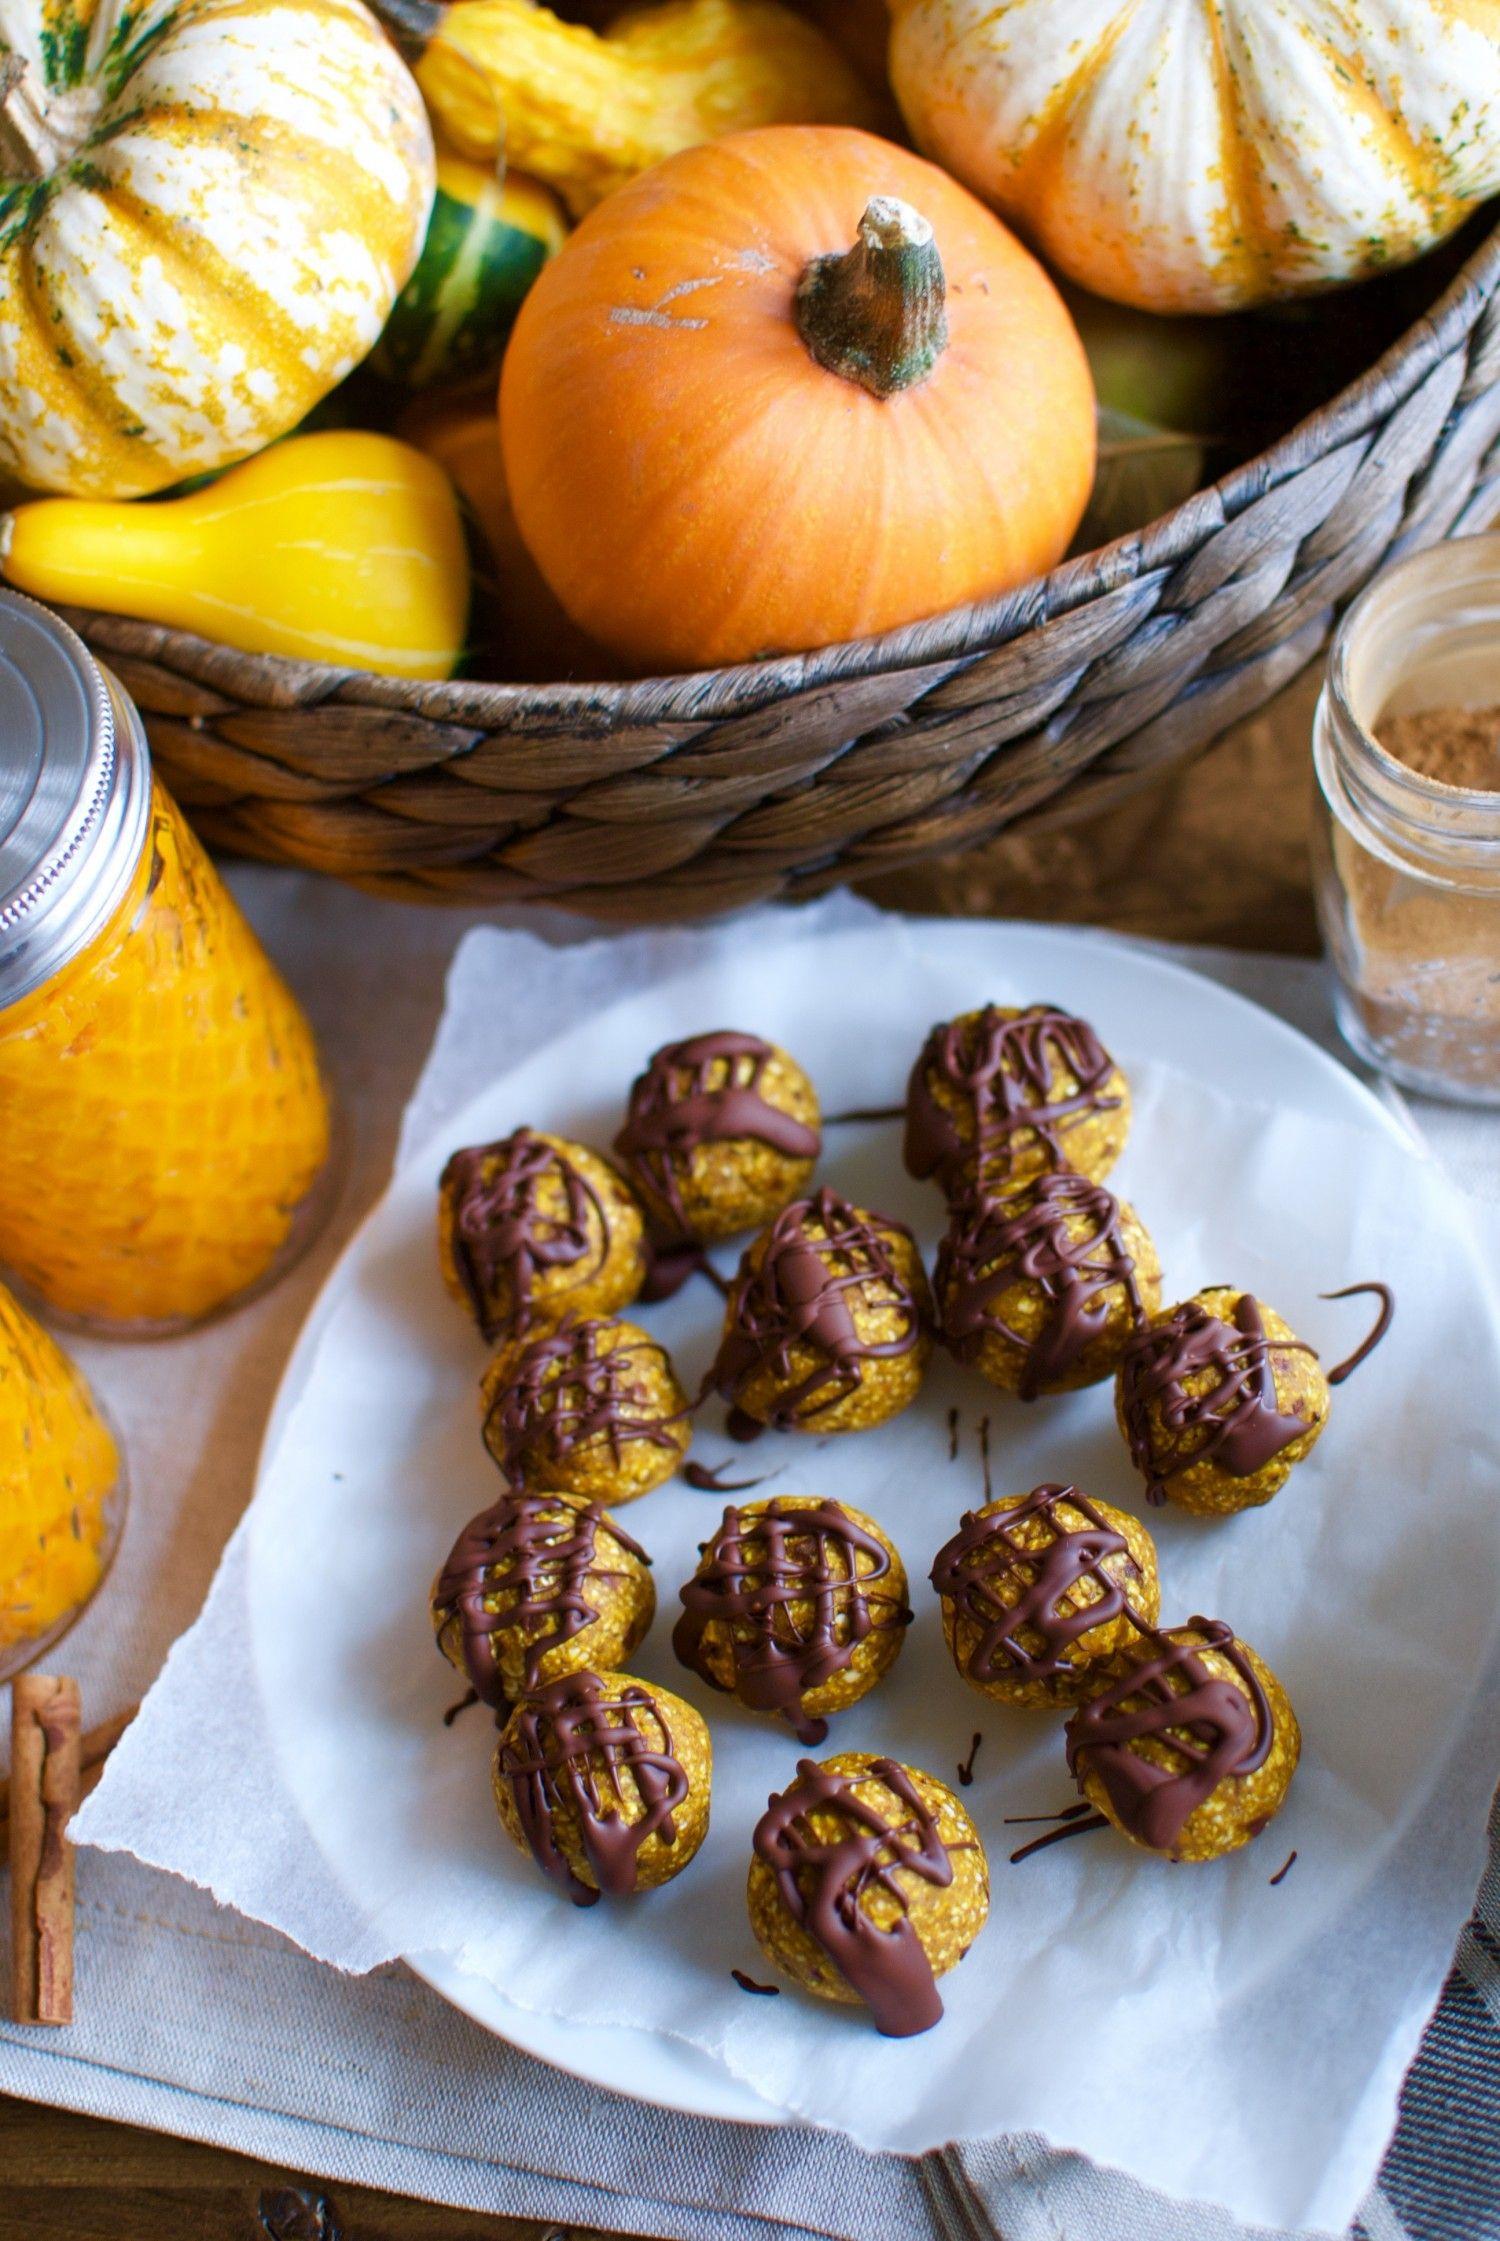 Pumpkin snack balls with dark chocolate